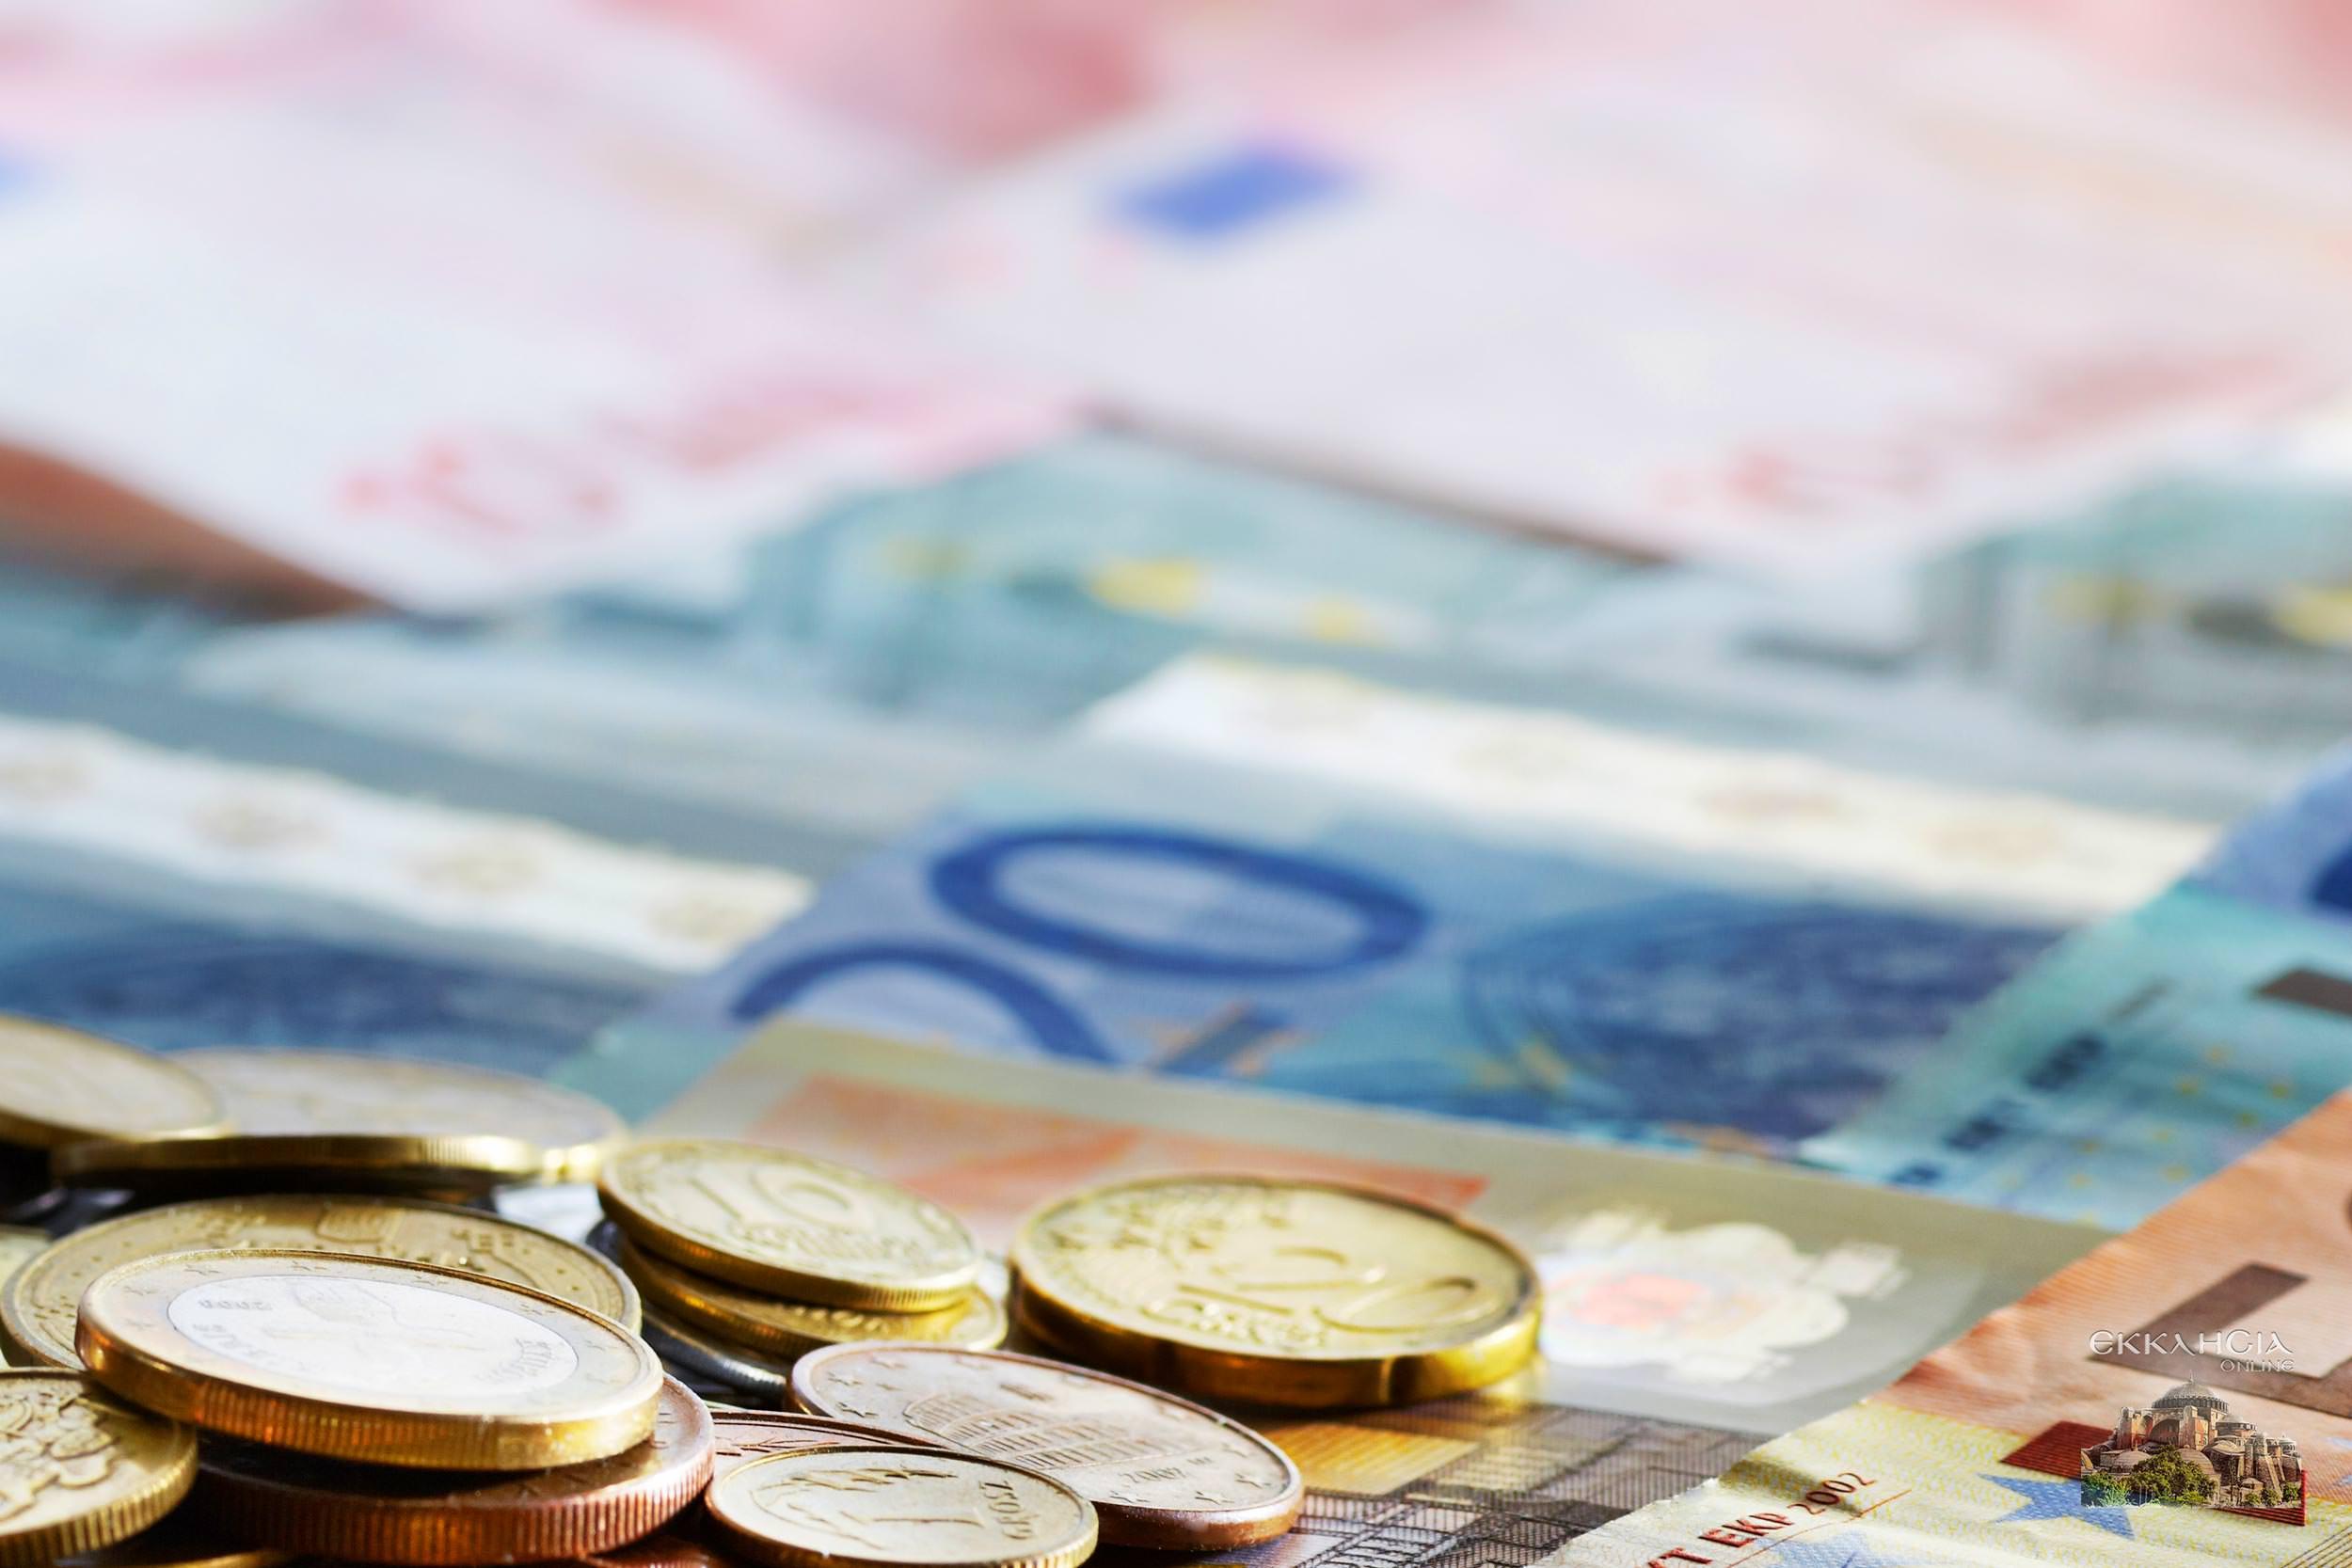 πληρωμές συντάξεις 2020 ευρώ